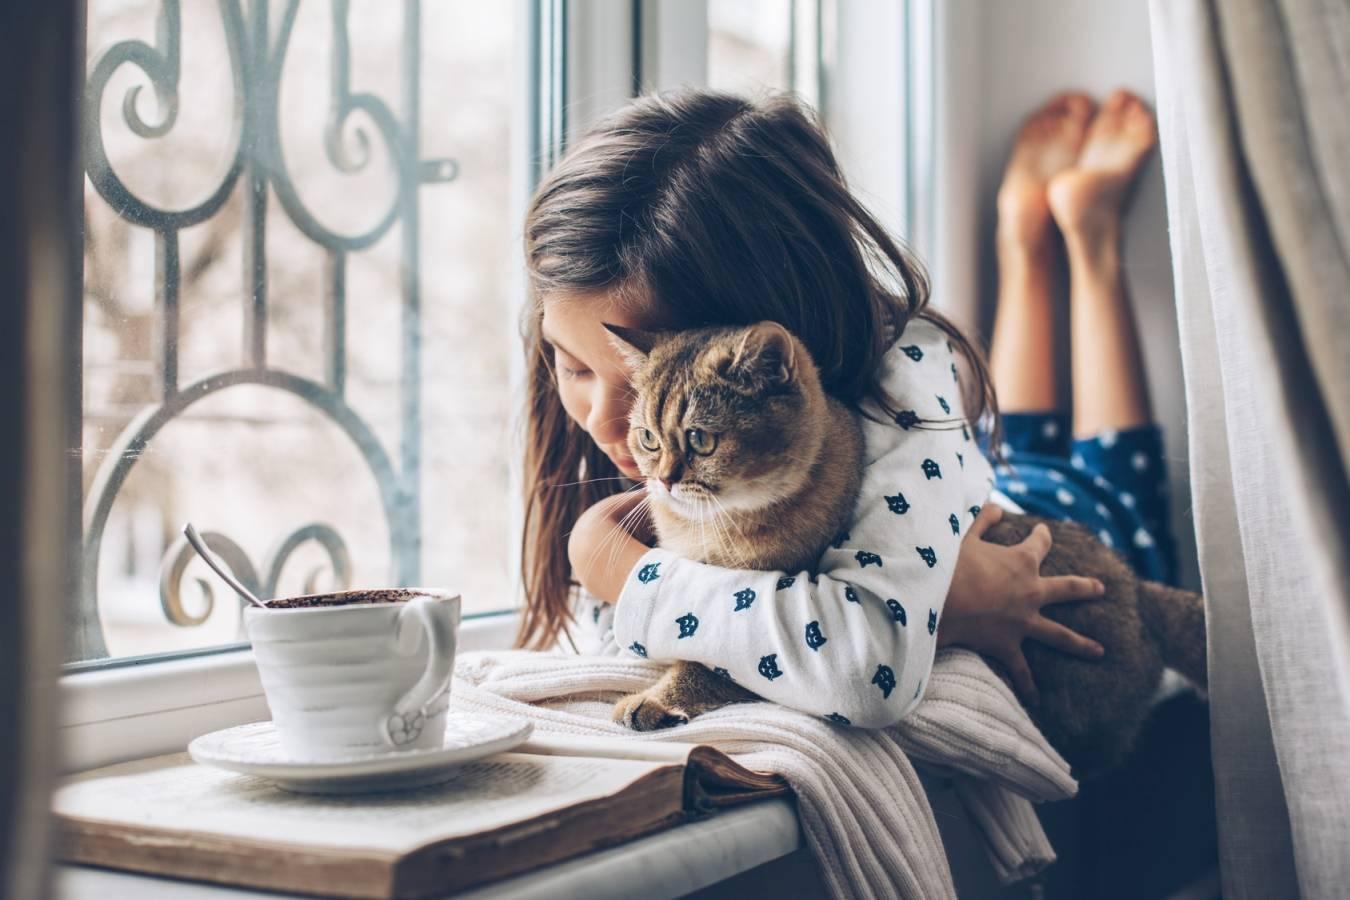 Alergia na sierść - jak sobie z nią poradzić? Dziewczynka przytula kota leżąc na parapecie.